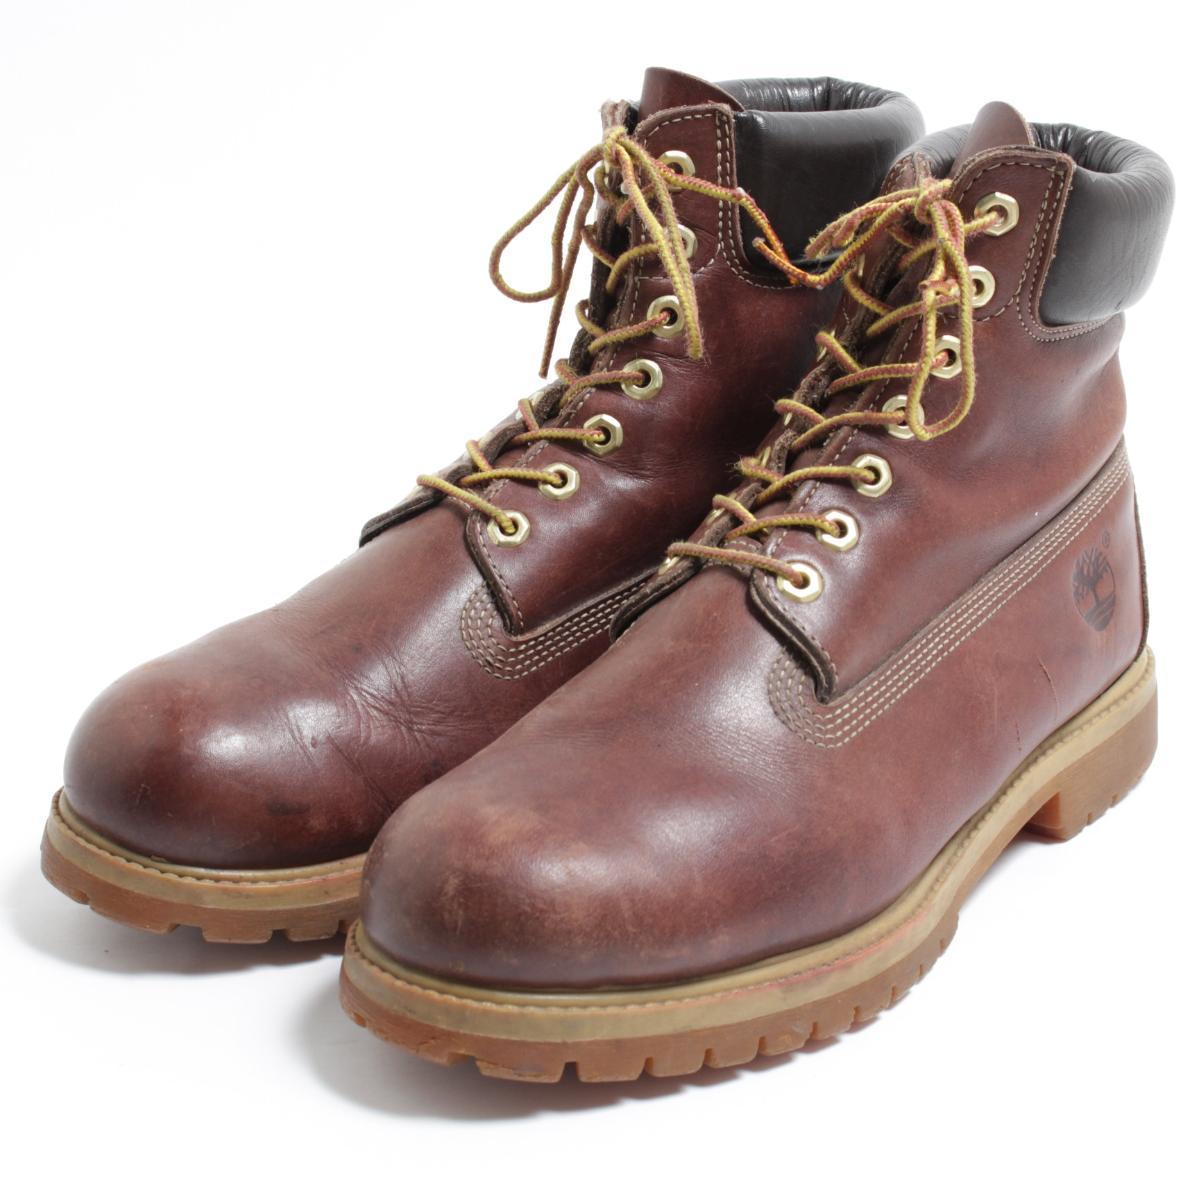 timberland light brown tan shoes 10.5